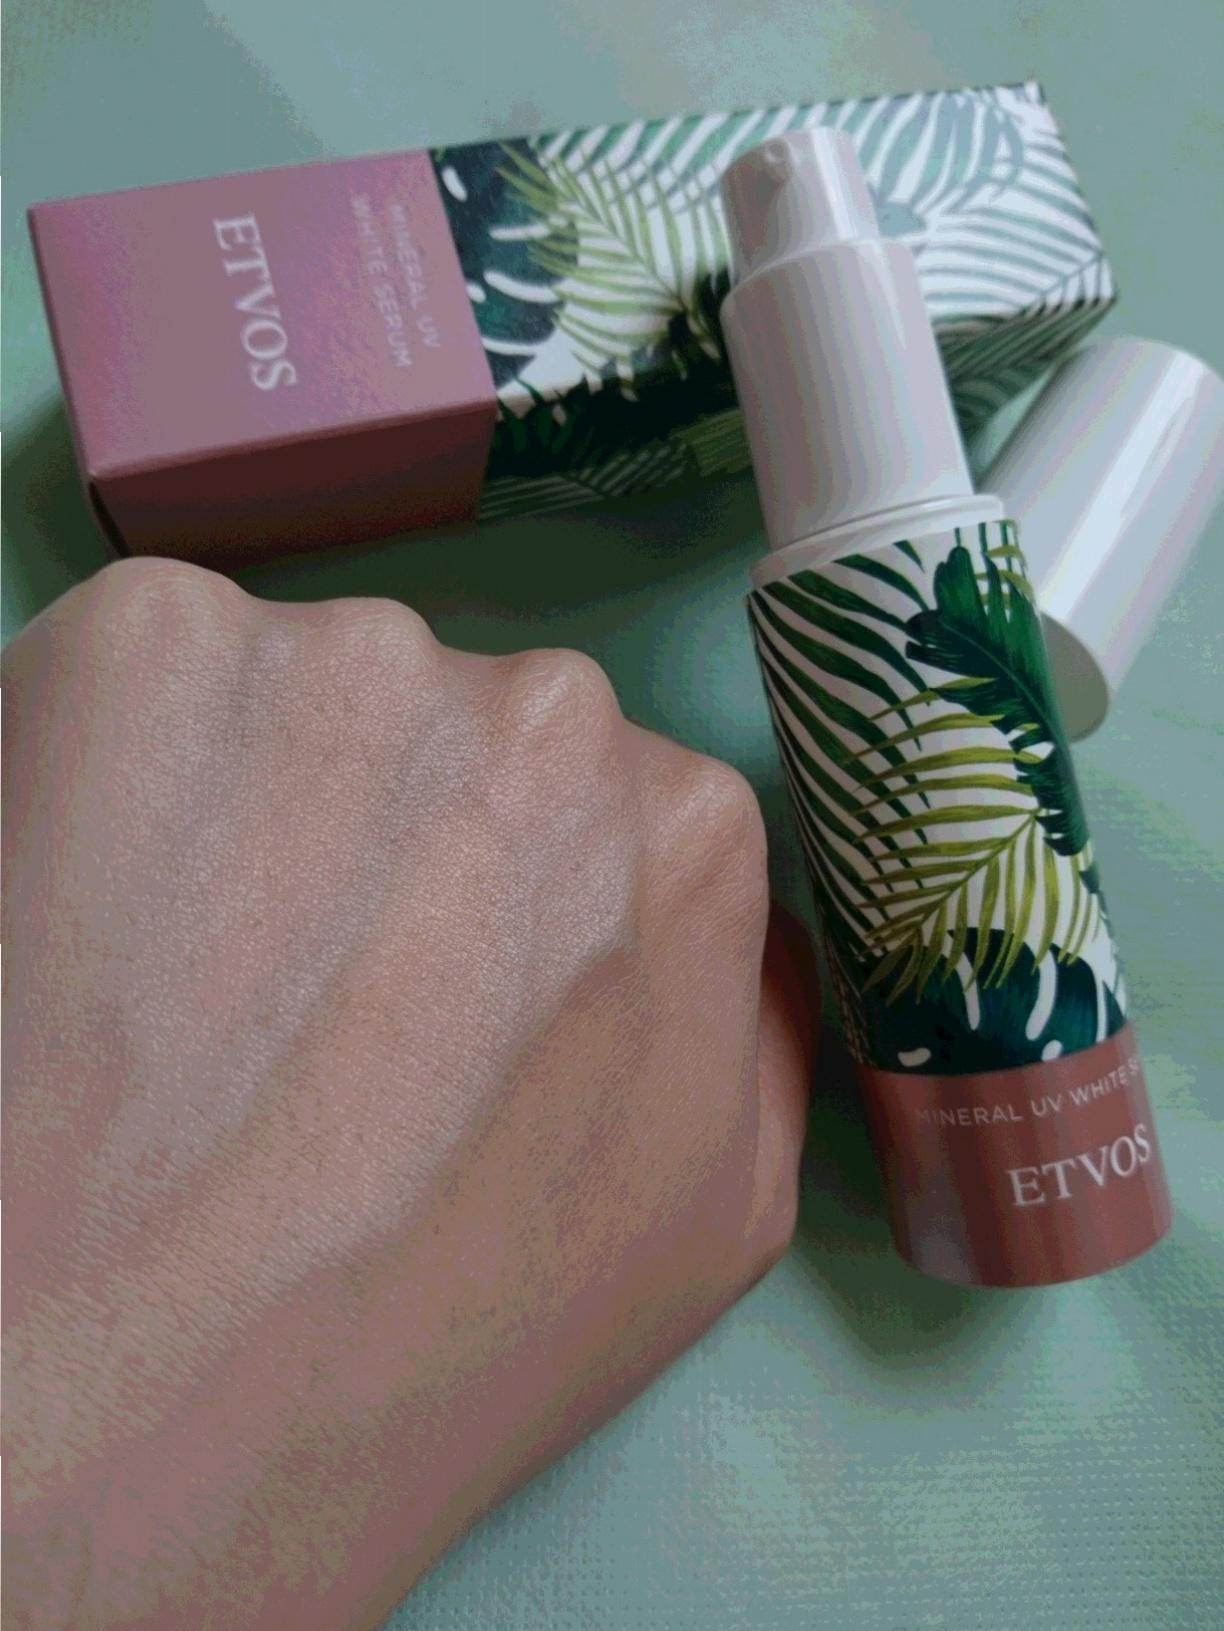 美白化粧品特集 - シミやくすみ対策・肌の透明感アップが期待できるコスメは?_40